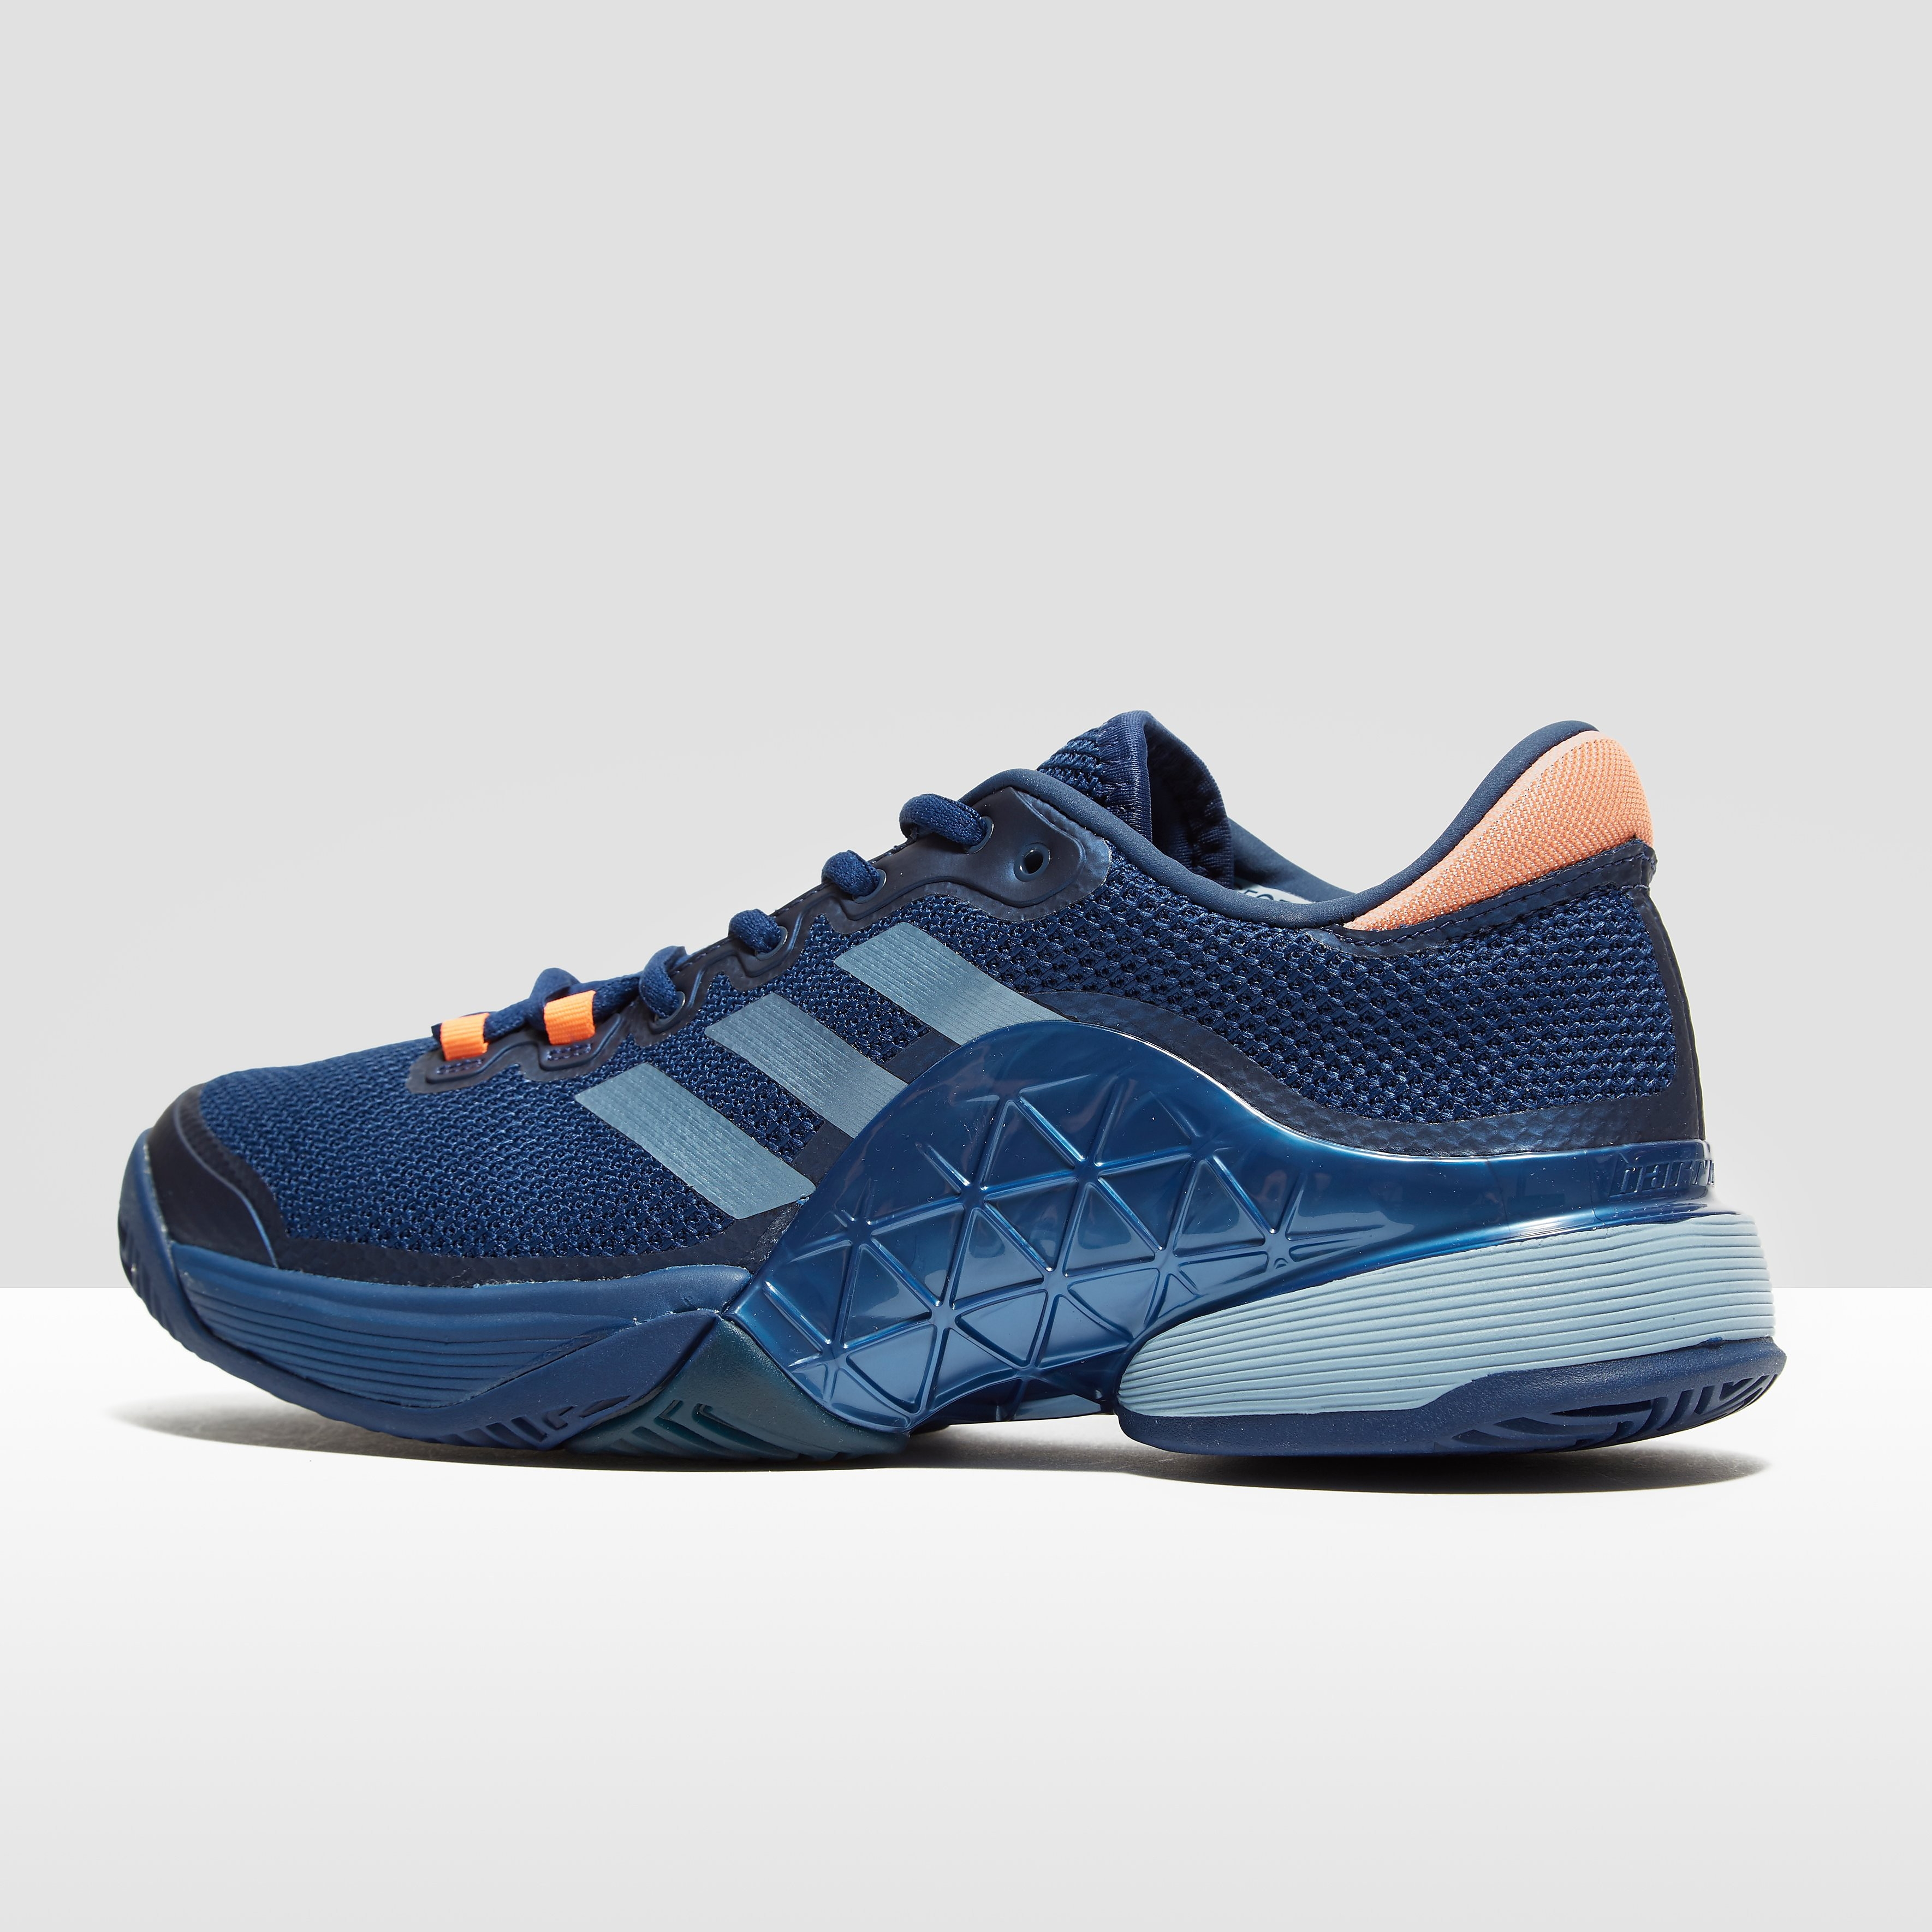 adidas Barricade Court Men's Tennis Shoes